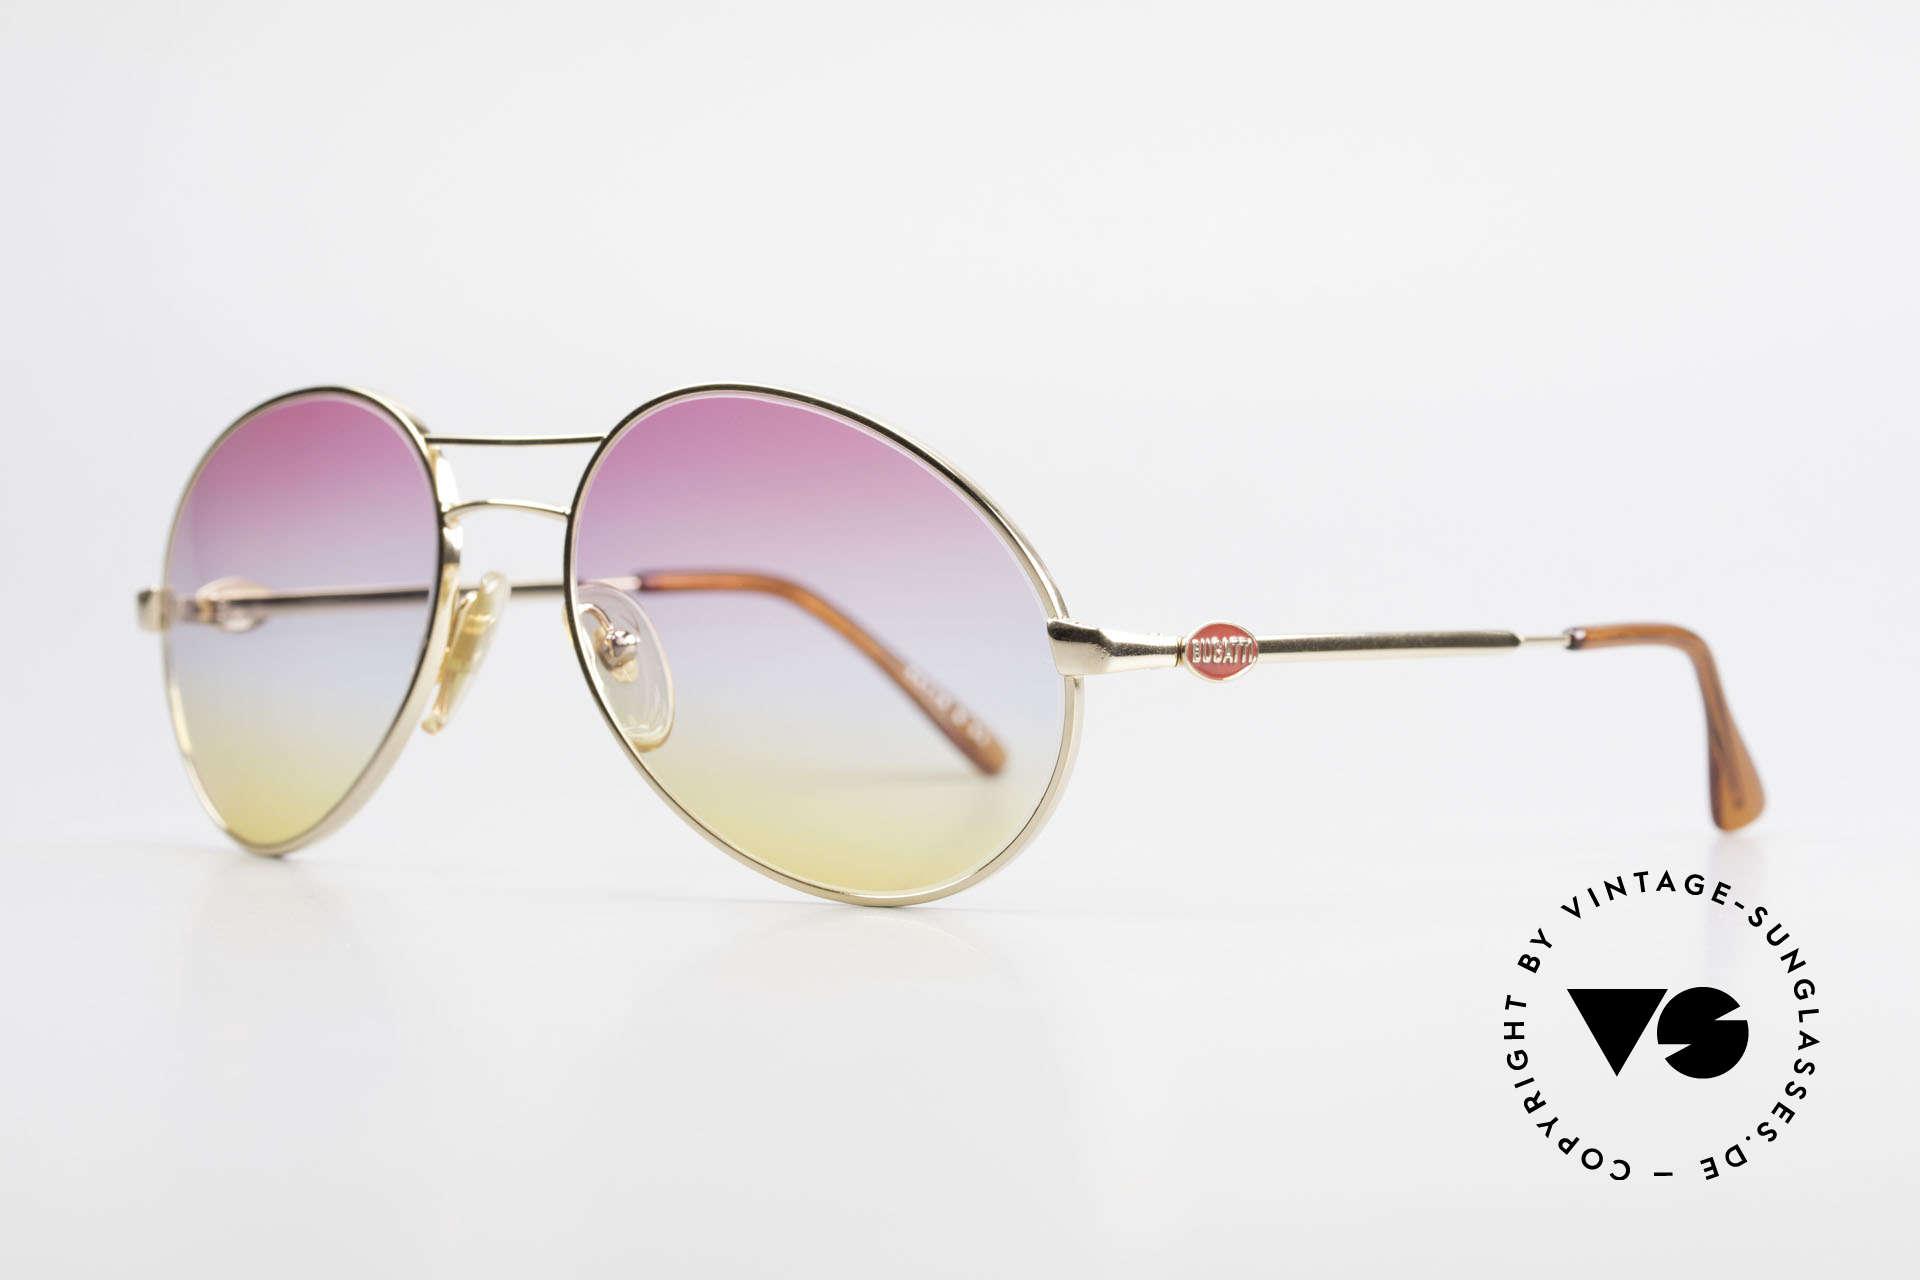 Bugatti 64335 Extraordinary 80's Sunglasses, often called as Bugatti 'sad tear drop' design, Made for Men